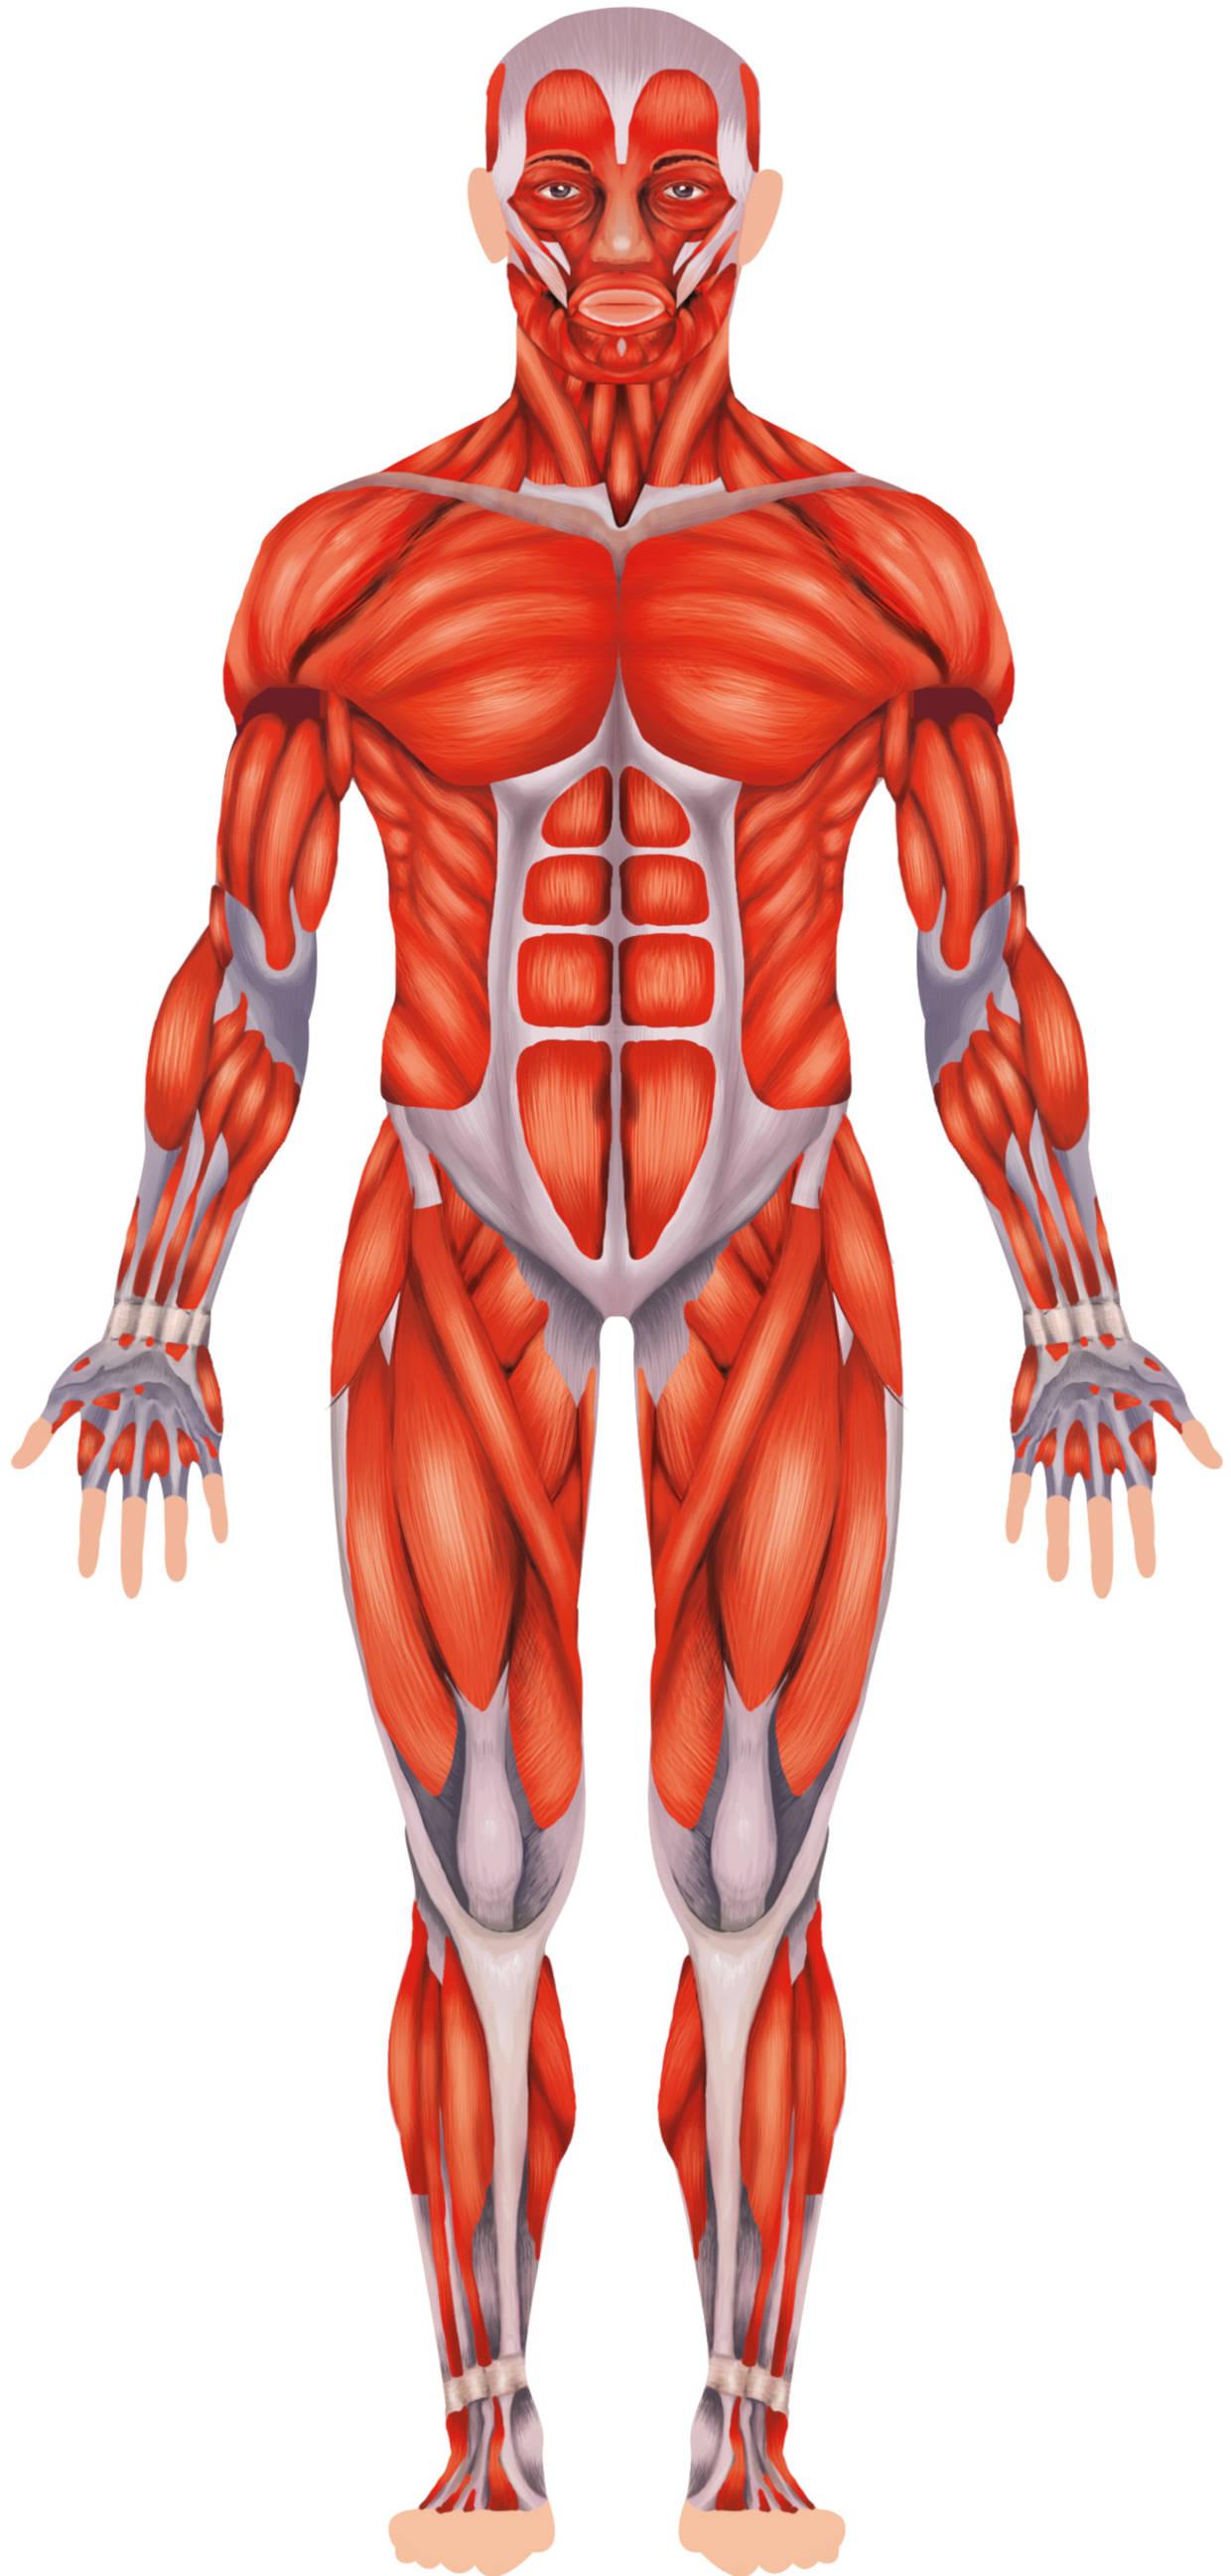 Muskelmensch.jpg